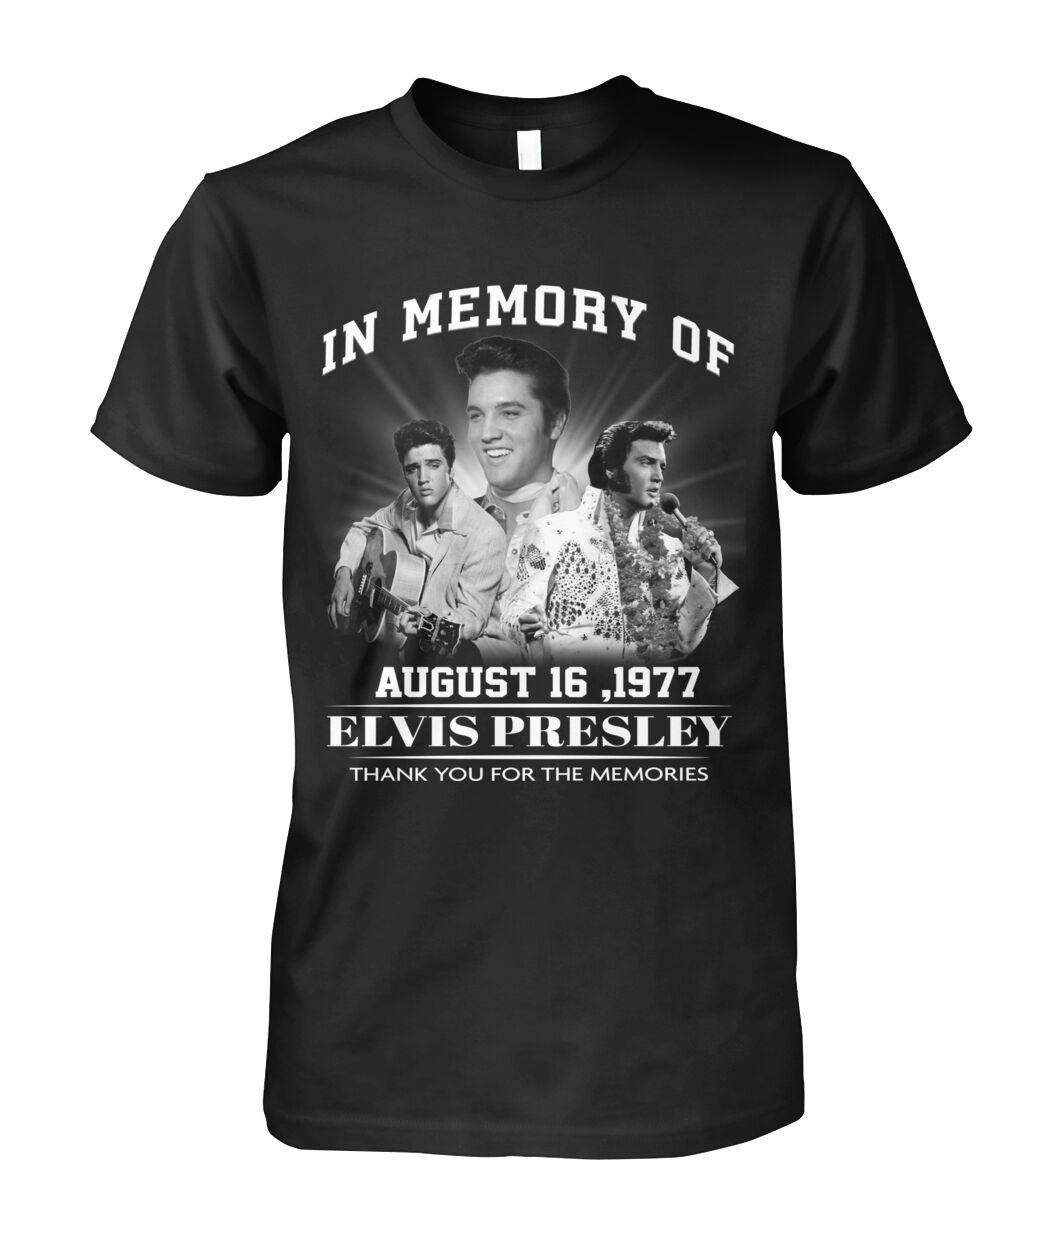 In memory of Elvis Presley August 16 1977 shirt